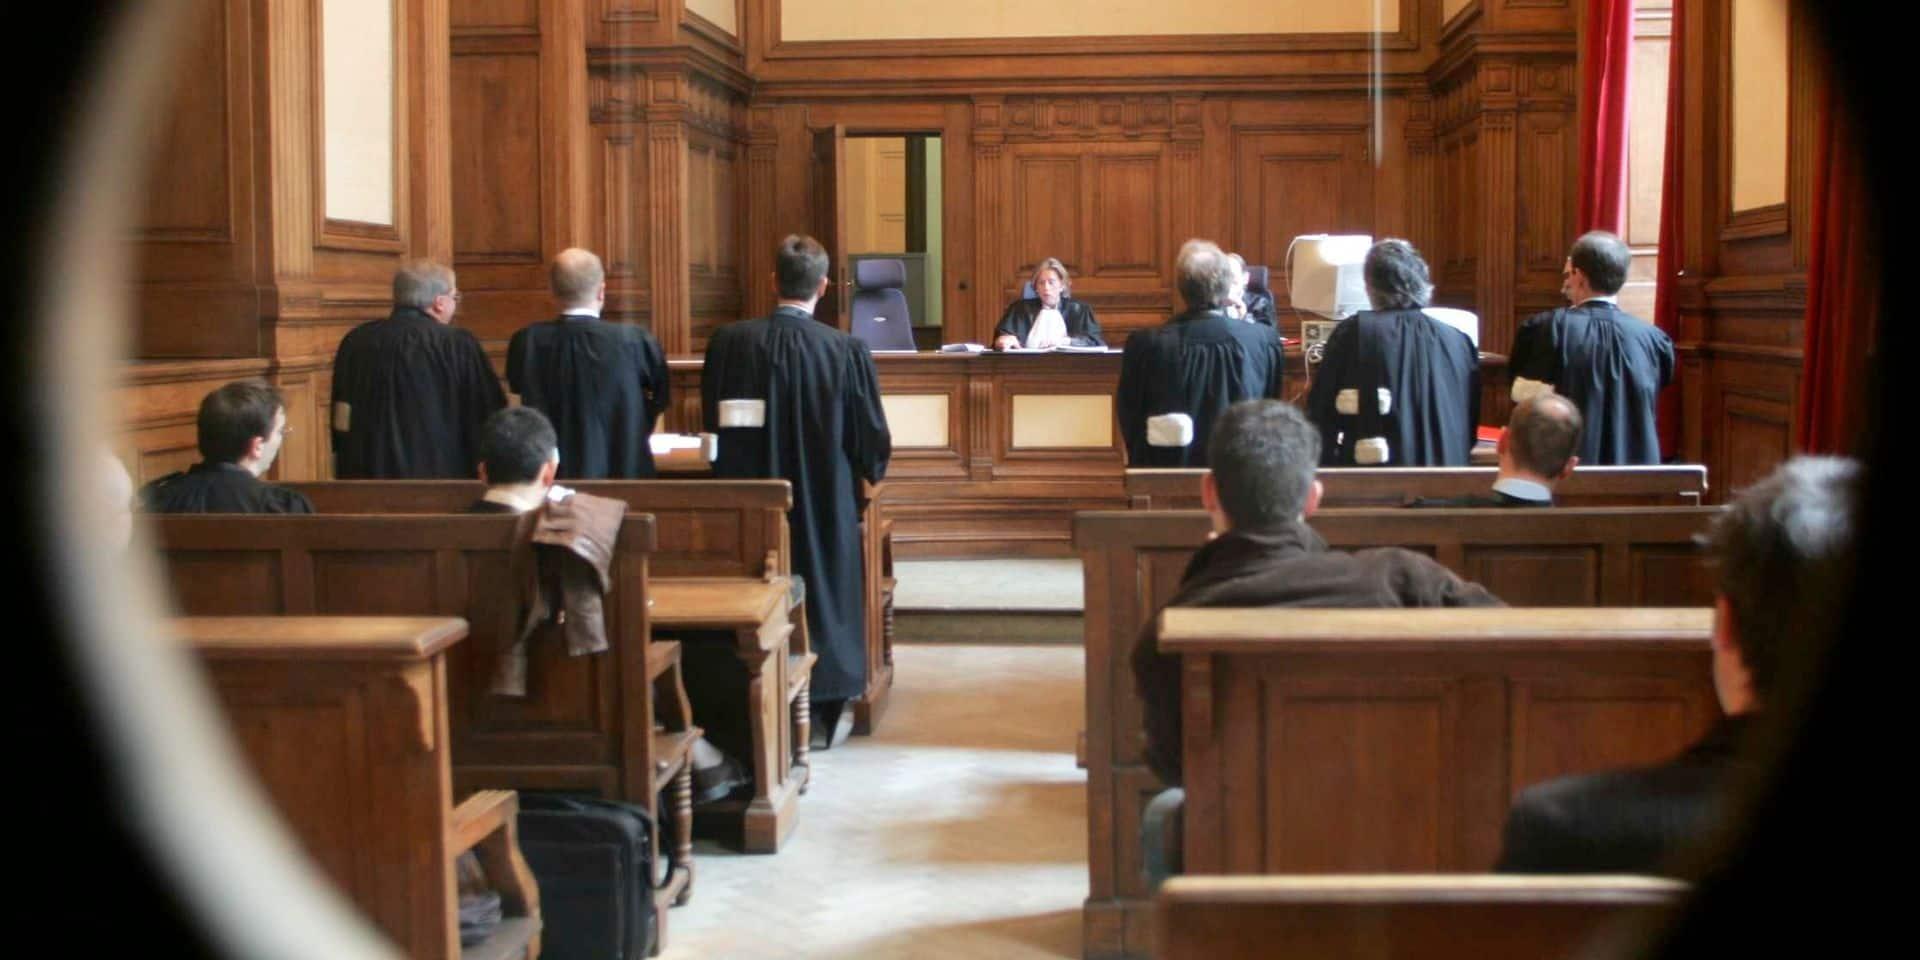 Fratricide à Uccle : Le procès d'Olivier De Bock, prévenu du meurtre de son frère, démarre lundi